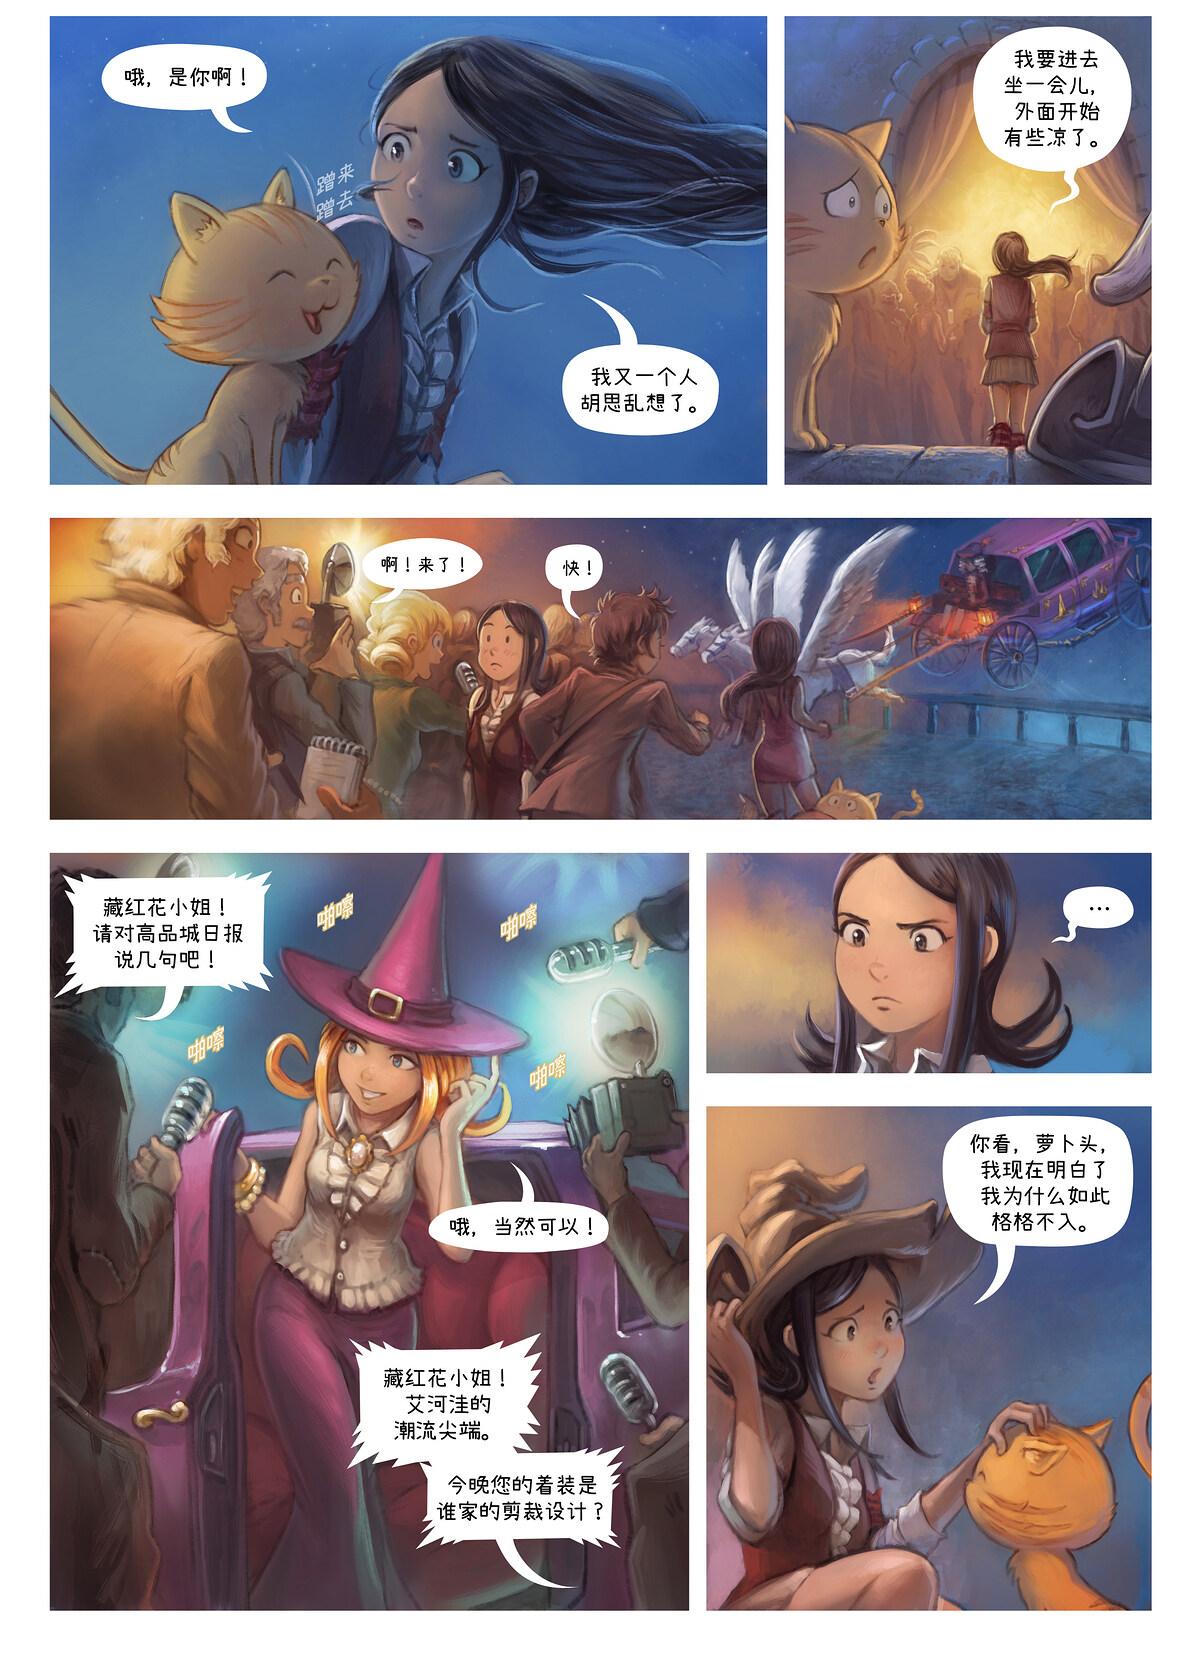 第28集:盛宴, Page 4